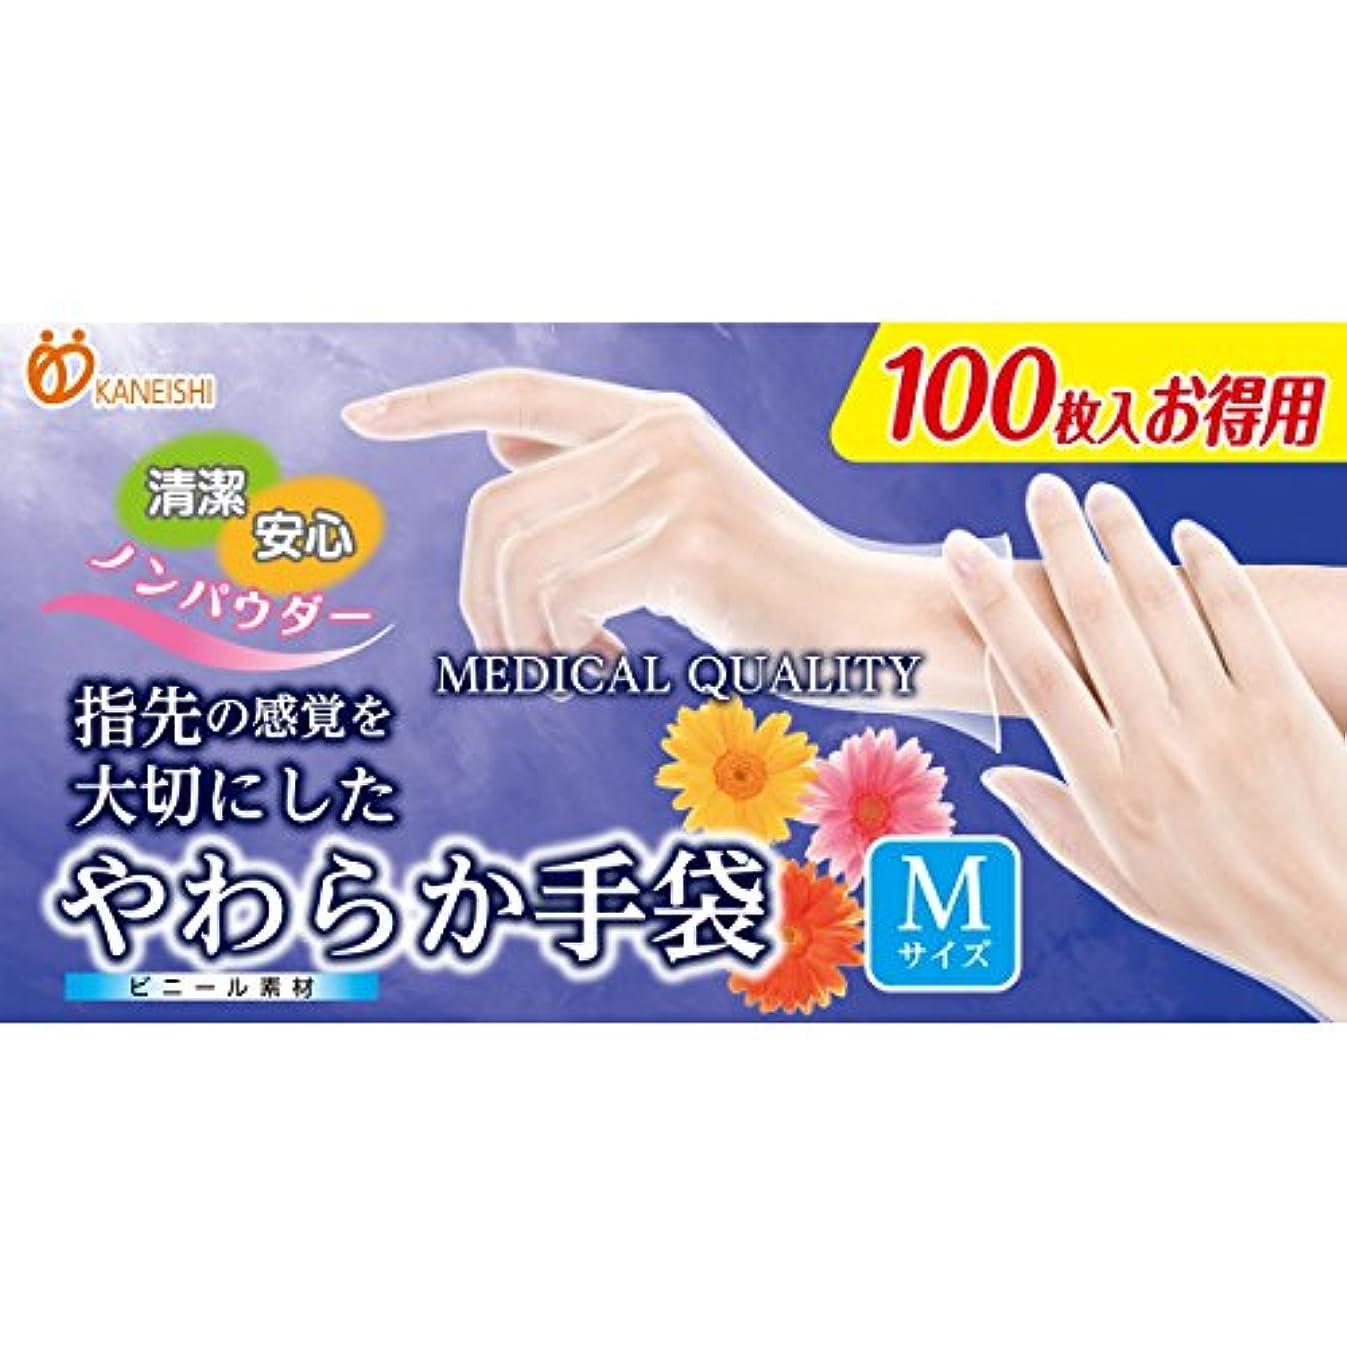 スタンドやさしく夫やわらか手袋 ビニール素材 Mサイズ 100枚入